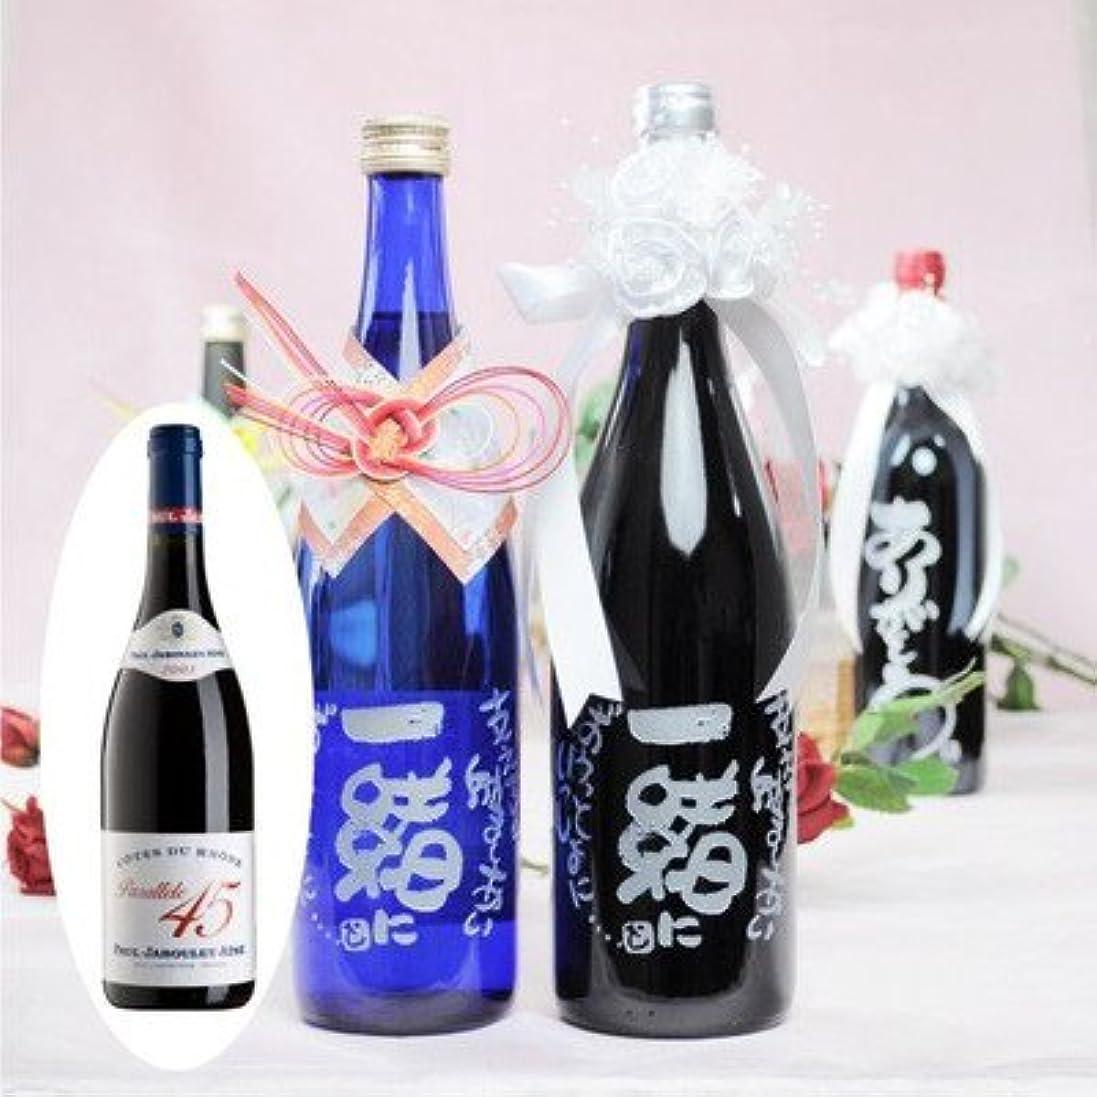 ネットリアル遠足ガラスデザイン工房 名入れ酒 フランス産赤ワイン フォント:FO-7